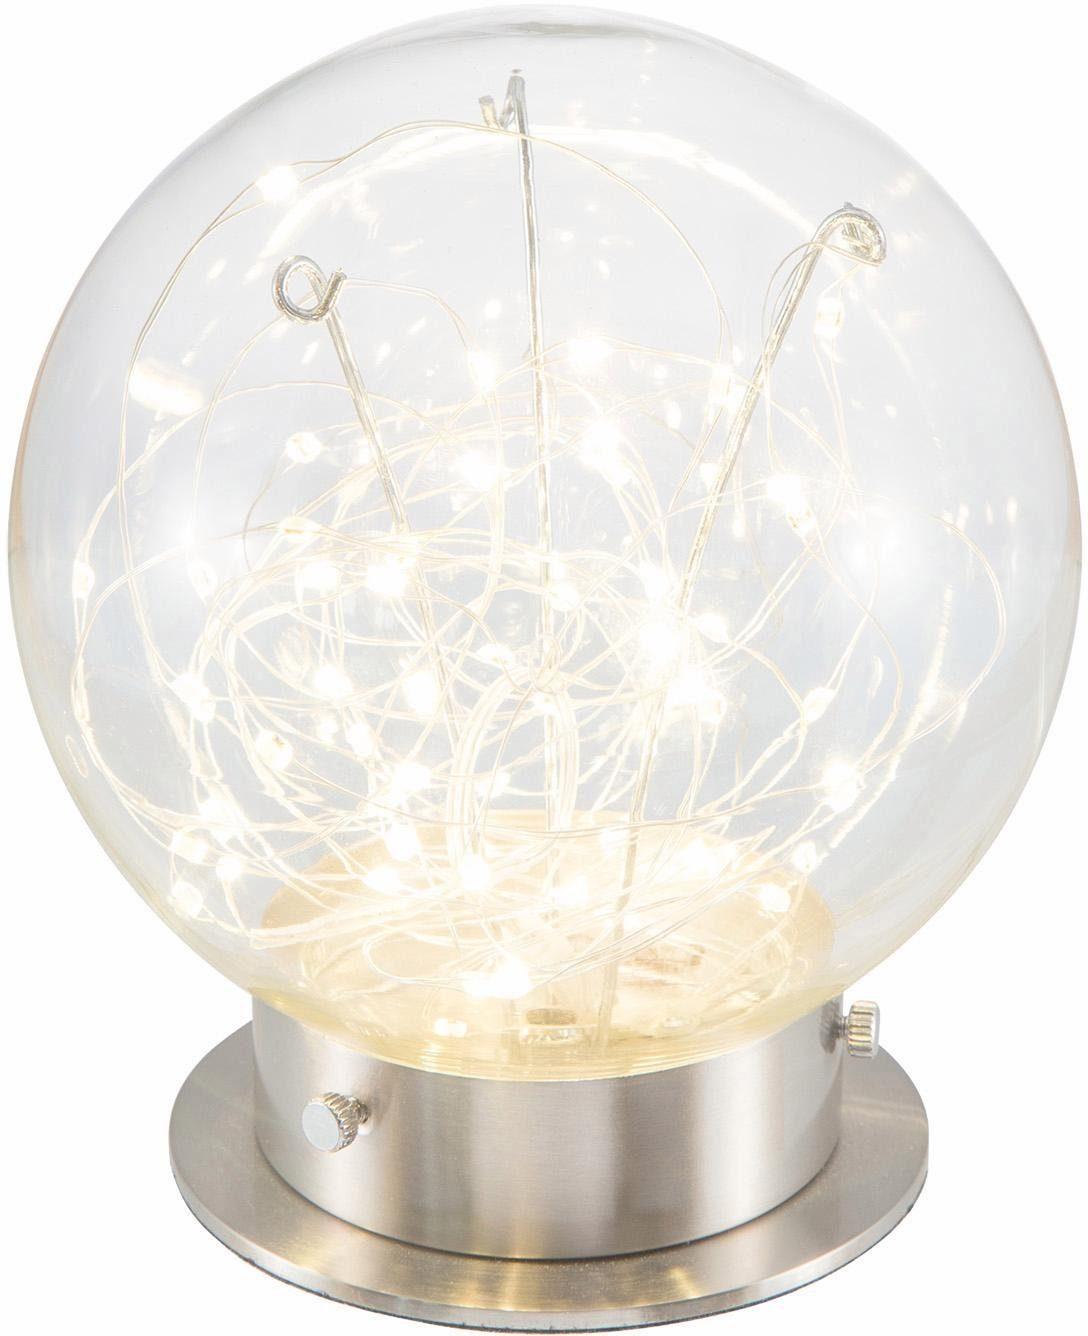 Nino Leuchten LED Tischleuchte »LIGHTS«, 1-flammig